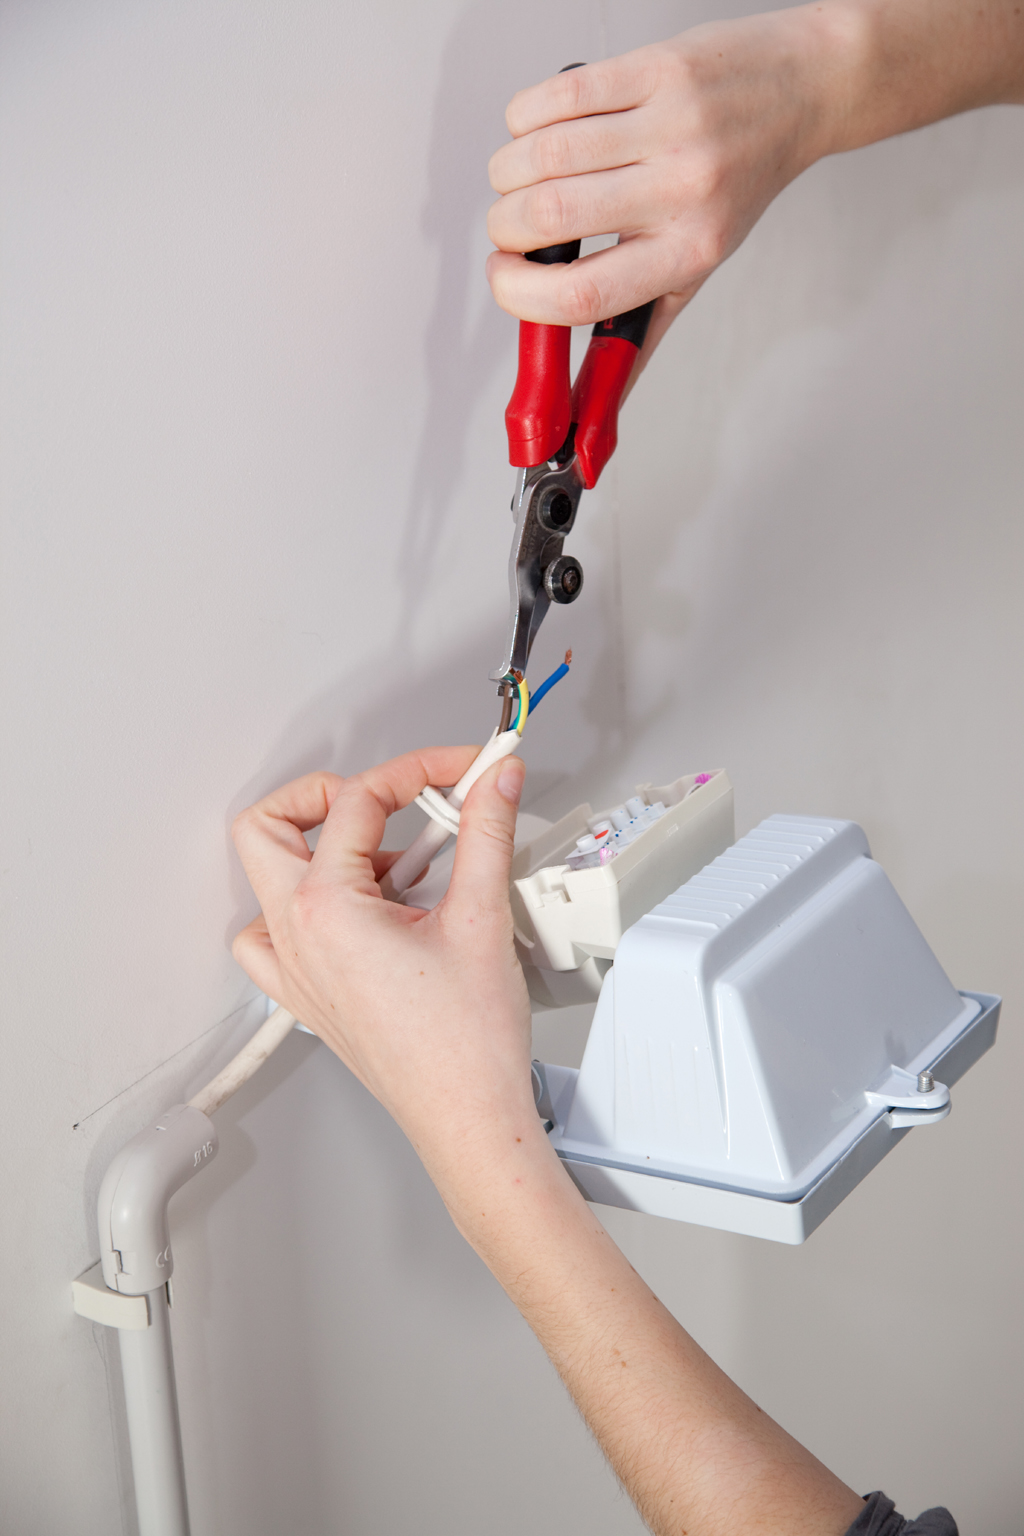 Installer un éclairage automatique d'extérieur